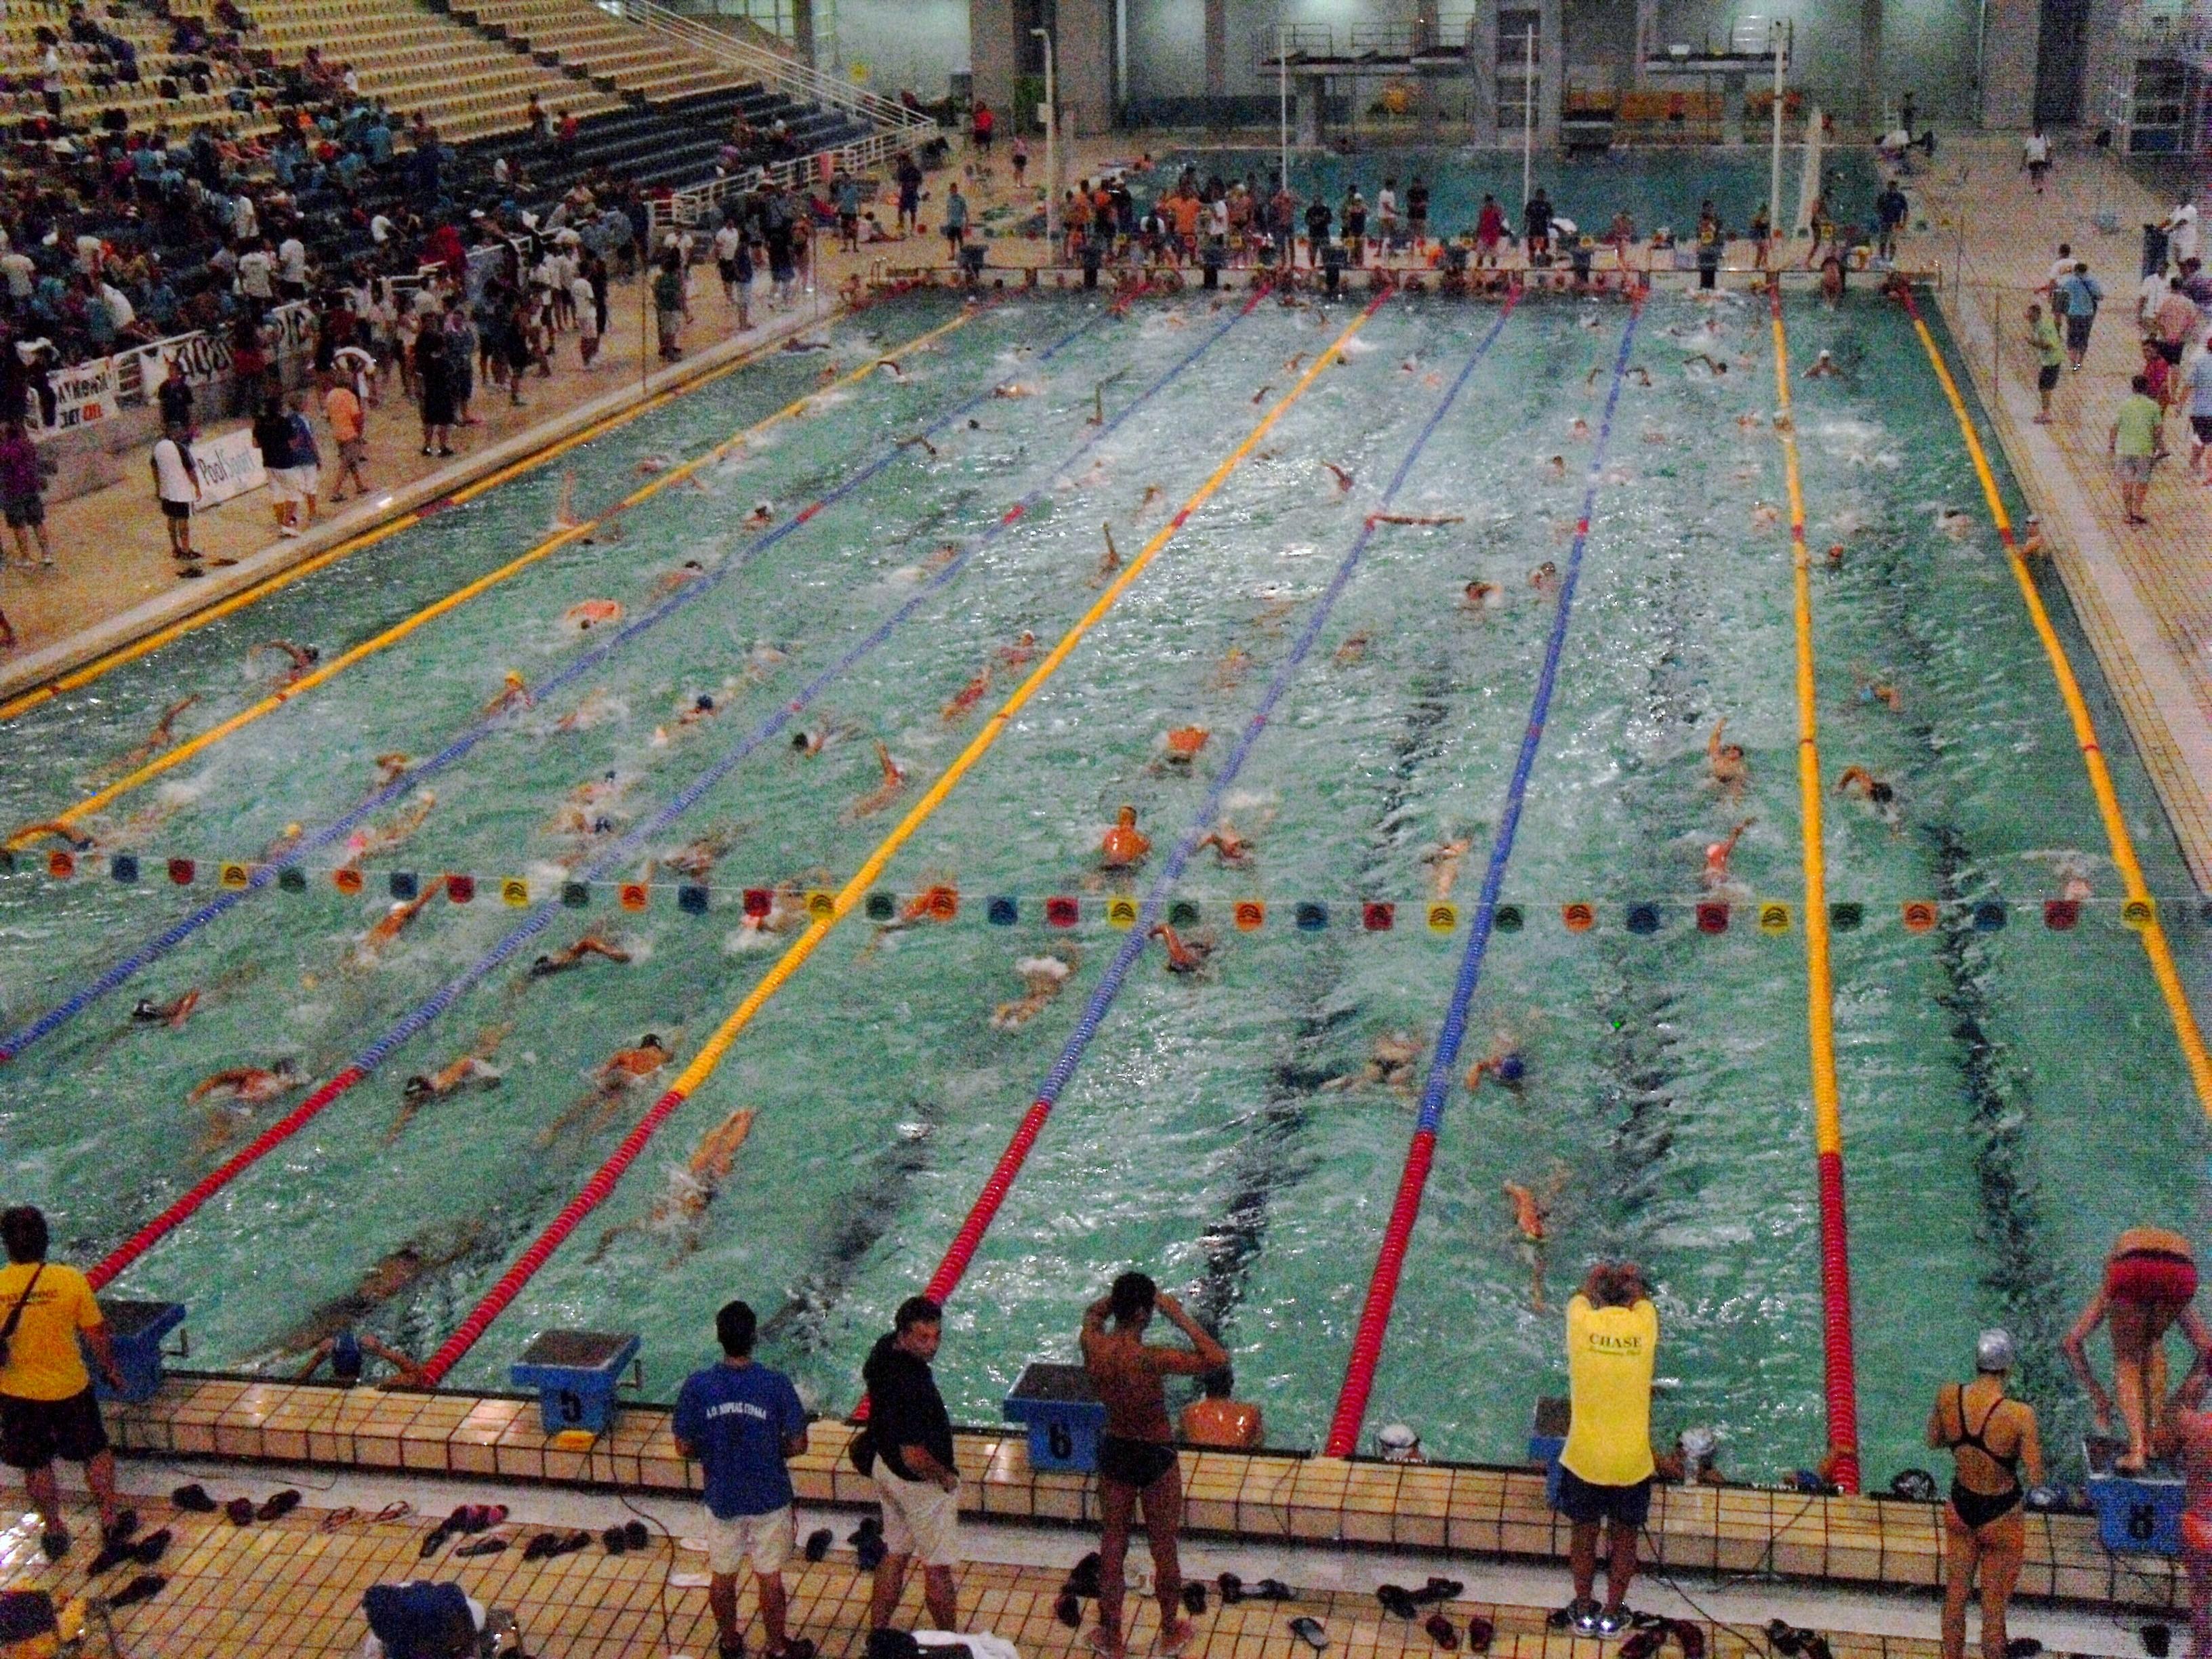 Ο ΑΣ ΜΕΓΑΛΕΞΑΝΔΡΟΣ Γρεβενών στο πανελλήνιο πρωτάθλημα κολύμβησης